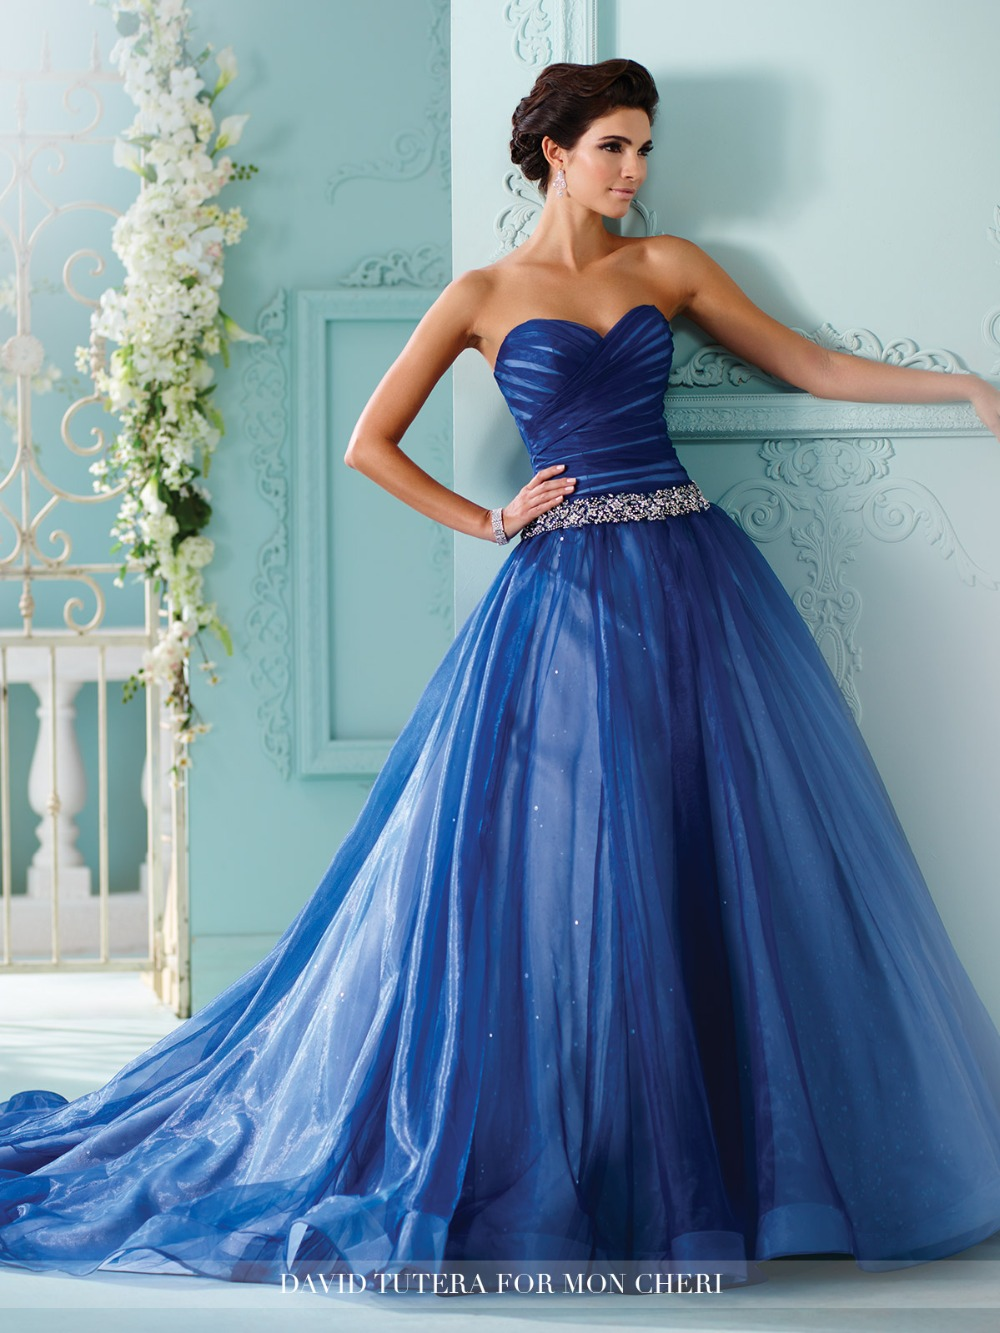 Custom Made 2016 Новый Дизайн Бальное платье Милая Тюль Кристалл Sash Женщины Свадебные Платья Свадебное Платье vestido де noiva TO24